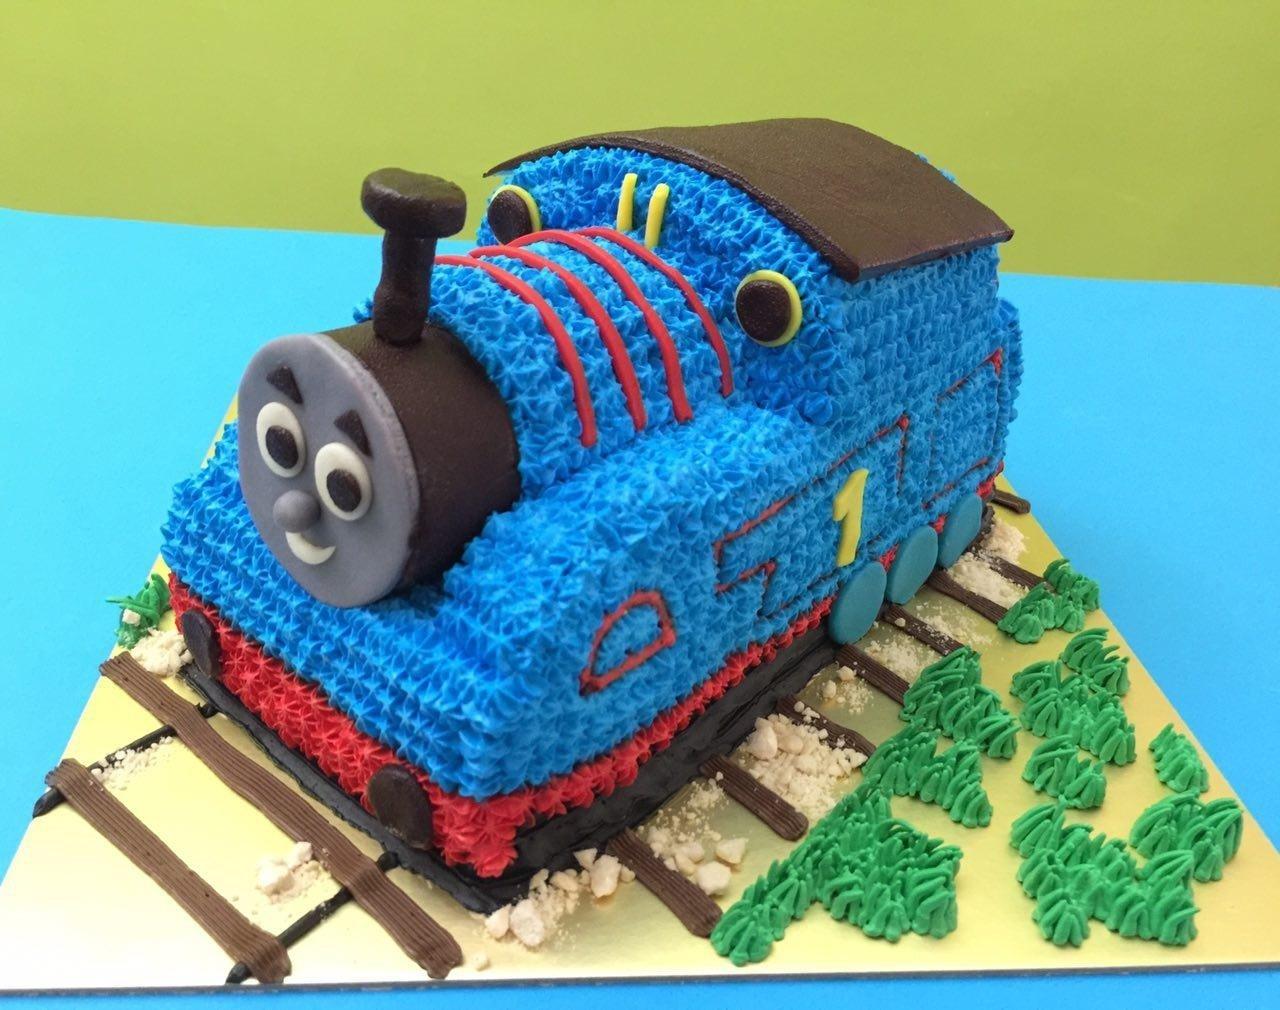 10 Amazing Thomas The Train Cakes Ideas thomas train cake singapore all time childrens favorite 2021